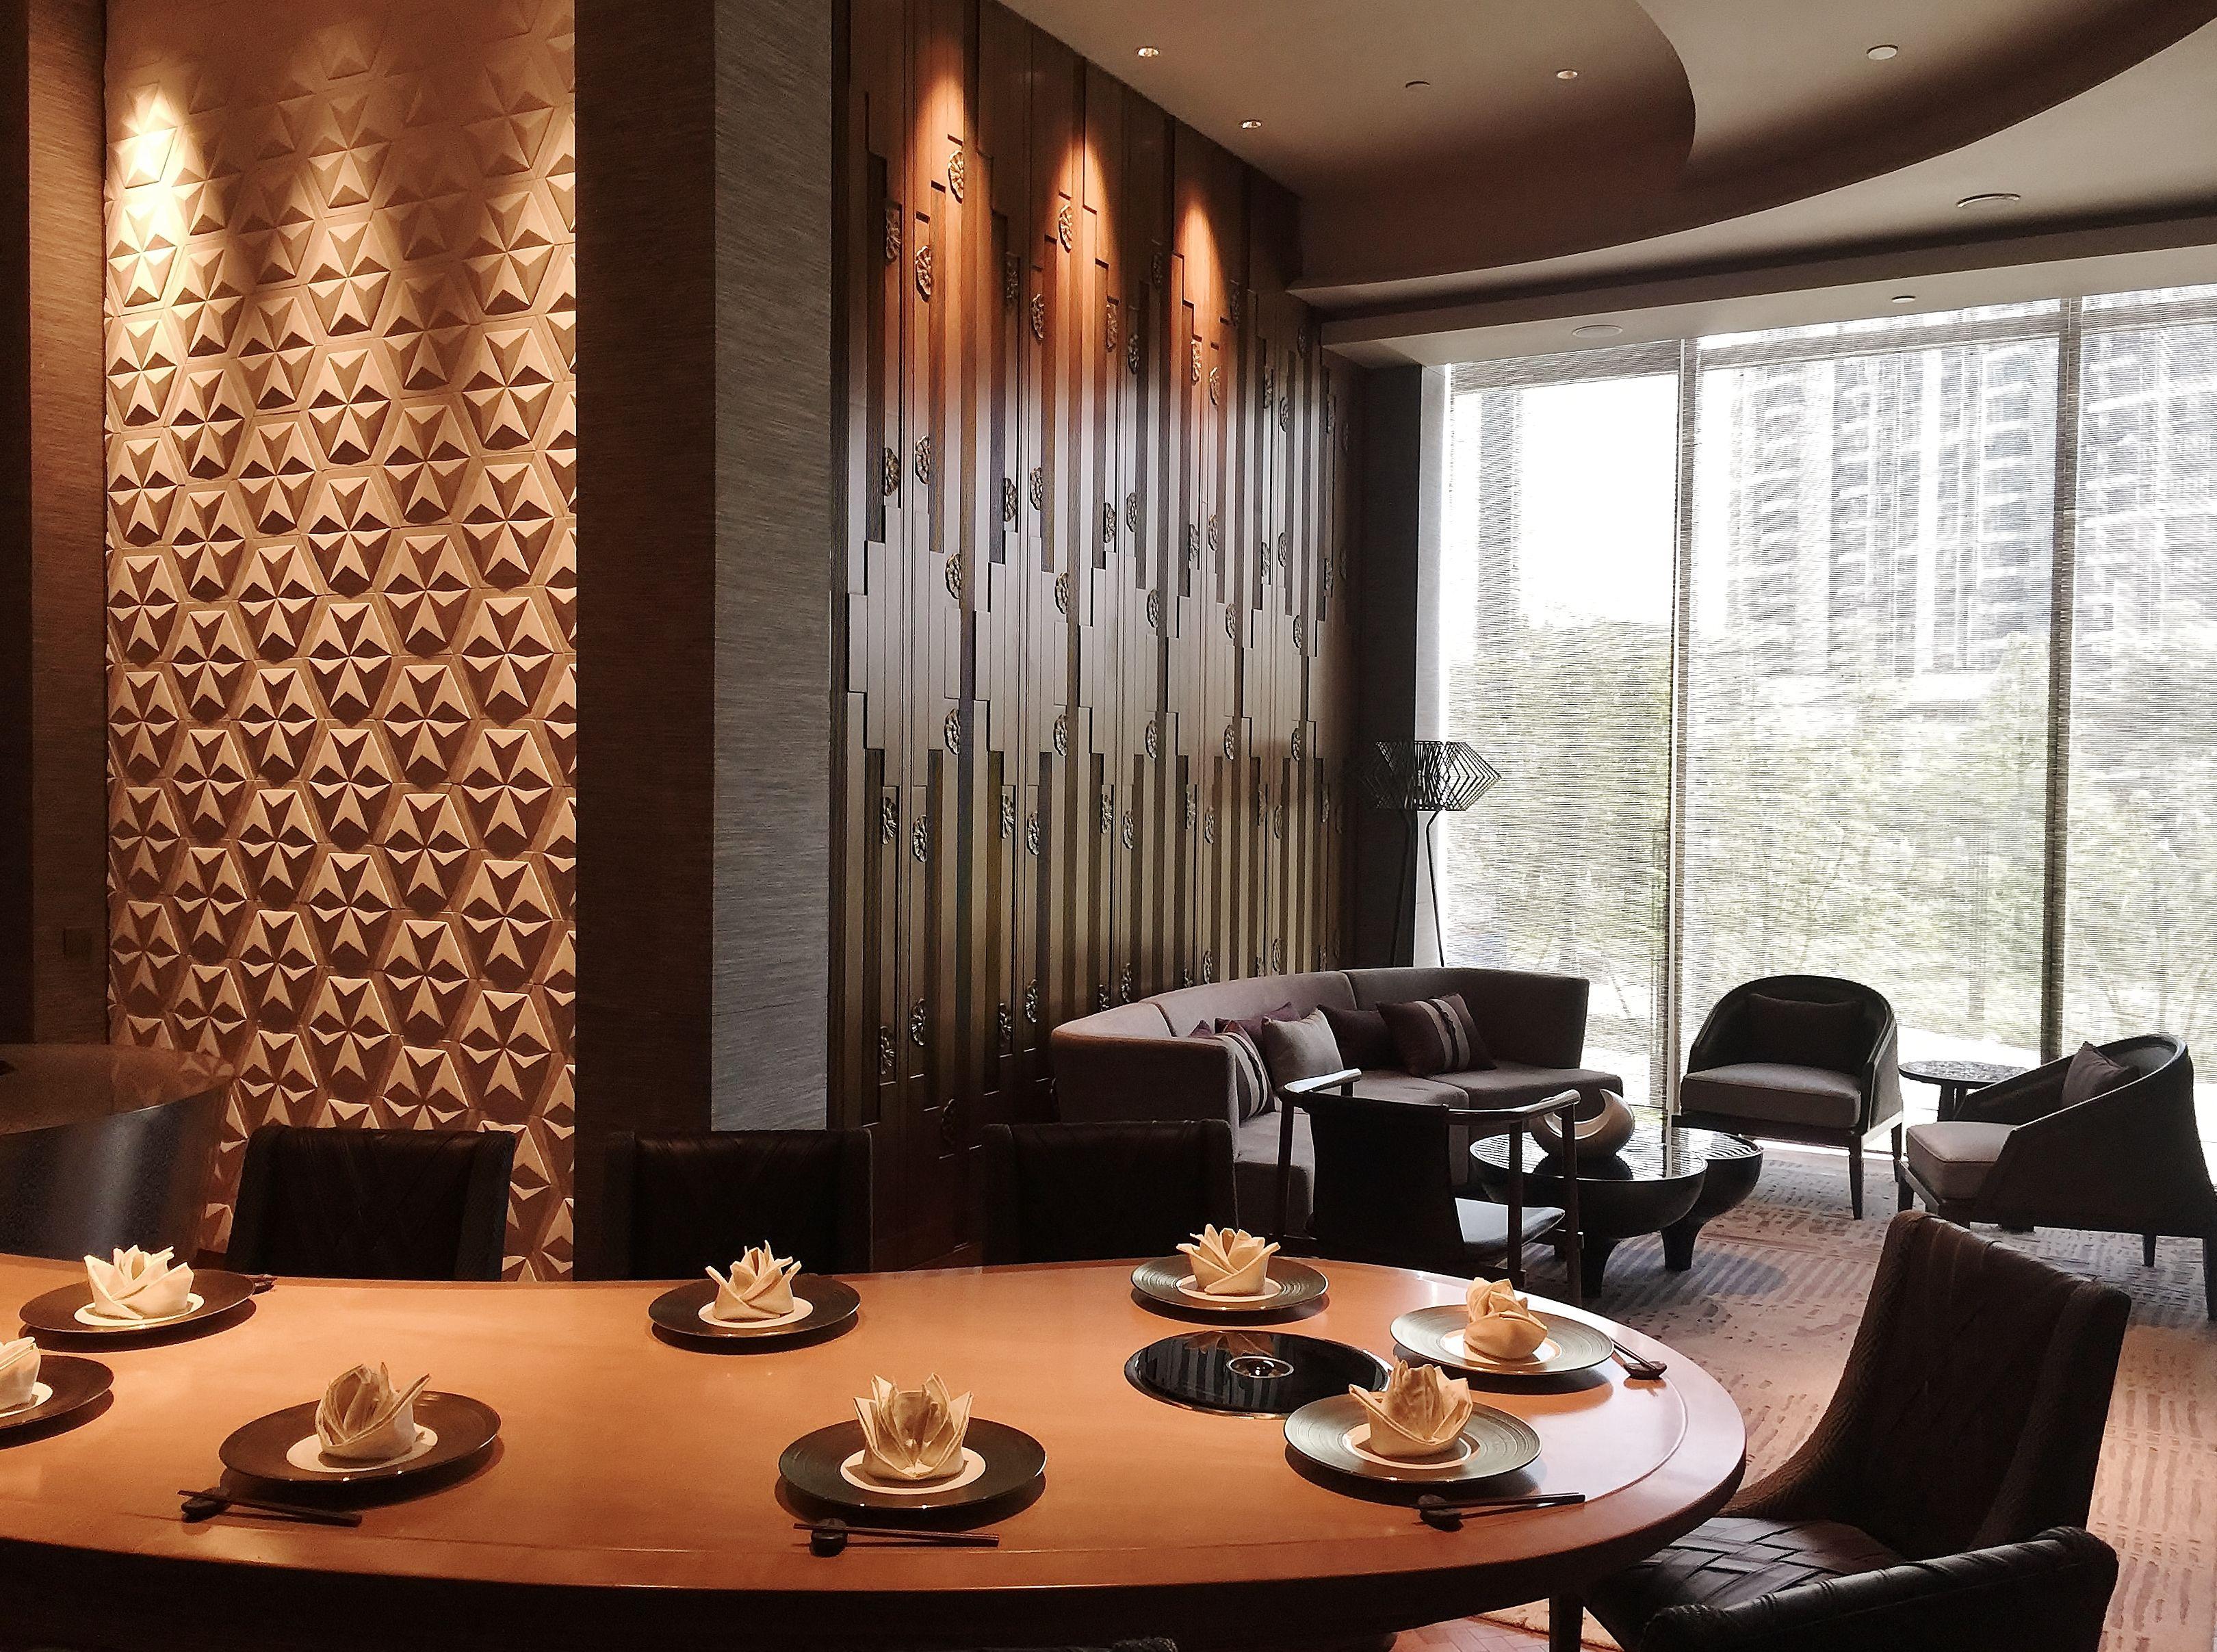 Specialty Restaurant Korean PDR Wall ideas